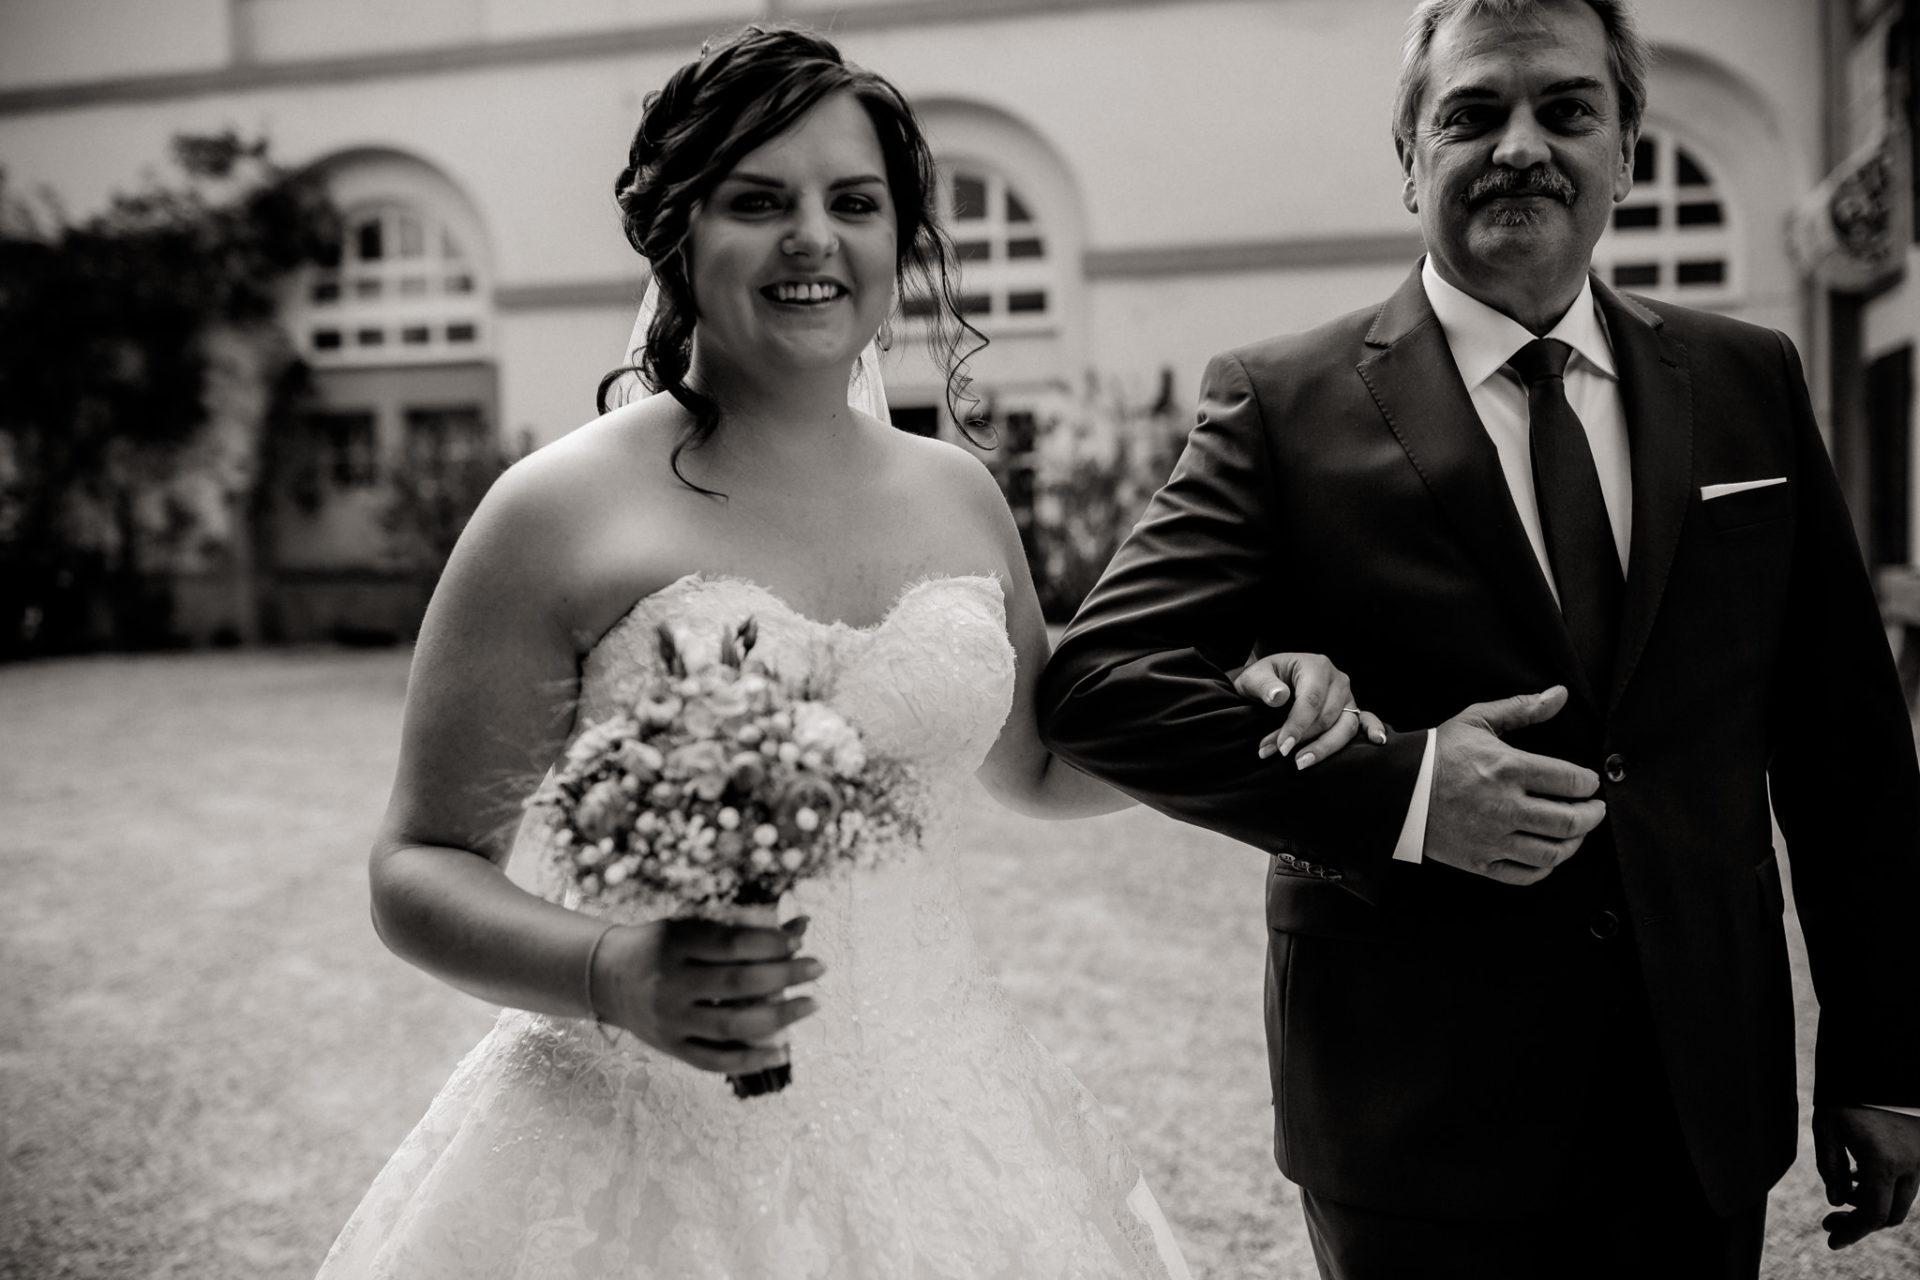 hochzeitsfotograf schloss heinsheim-elegant heiraten-Schafstall Heinsheim-Natürliche Portraits-Umgestellte Hochzeitsbilder-Freie Trauung im Park-Brautvater führt Tochter